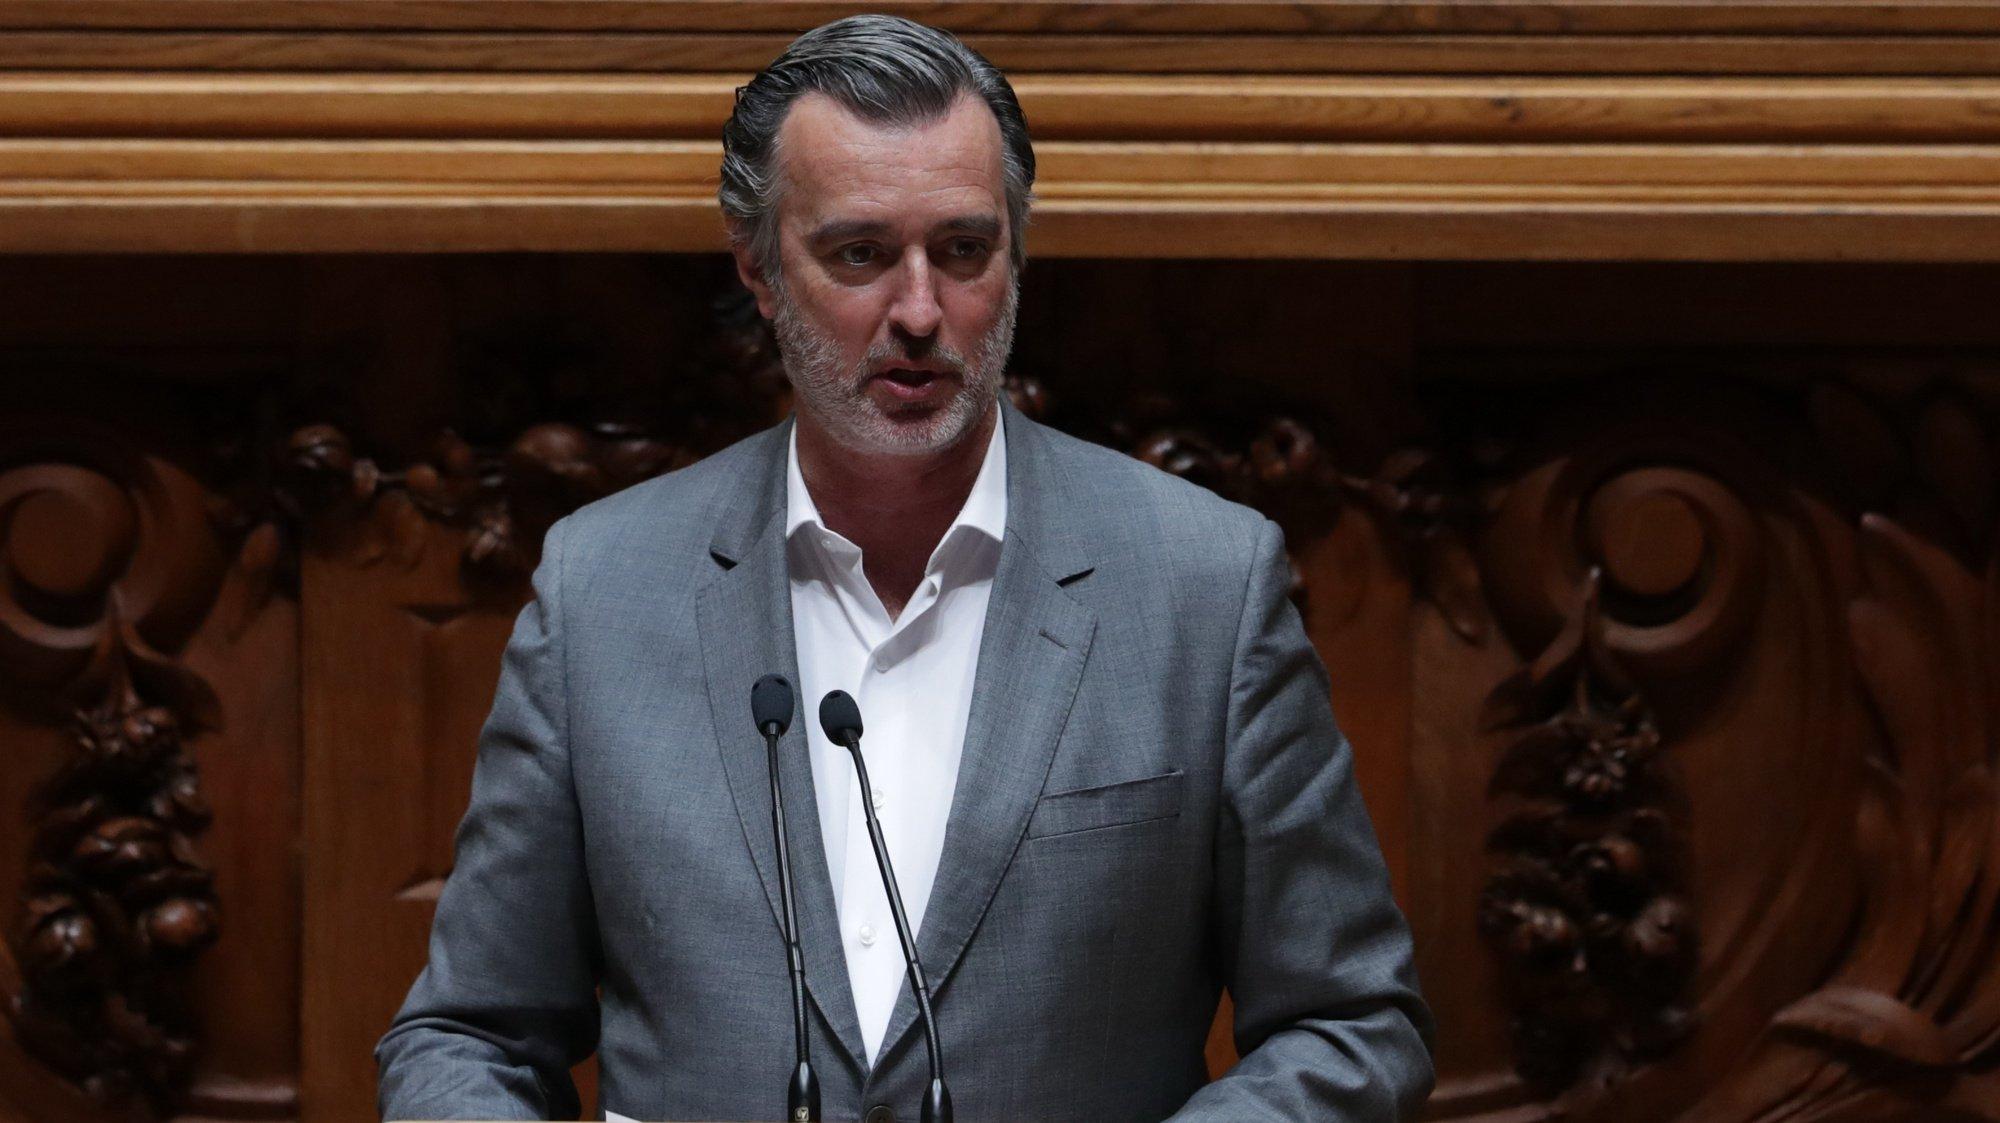 O deputado do Iniciativa Liberal, João Cotrim Figueiredo, intervém durante o debate sobre o pedido de autorização de renovação do Estado de Emergência na Assembleia da Repúlica em Lisboa, 25 de março de 2021. TIAGO PETINGA/LUSA